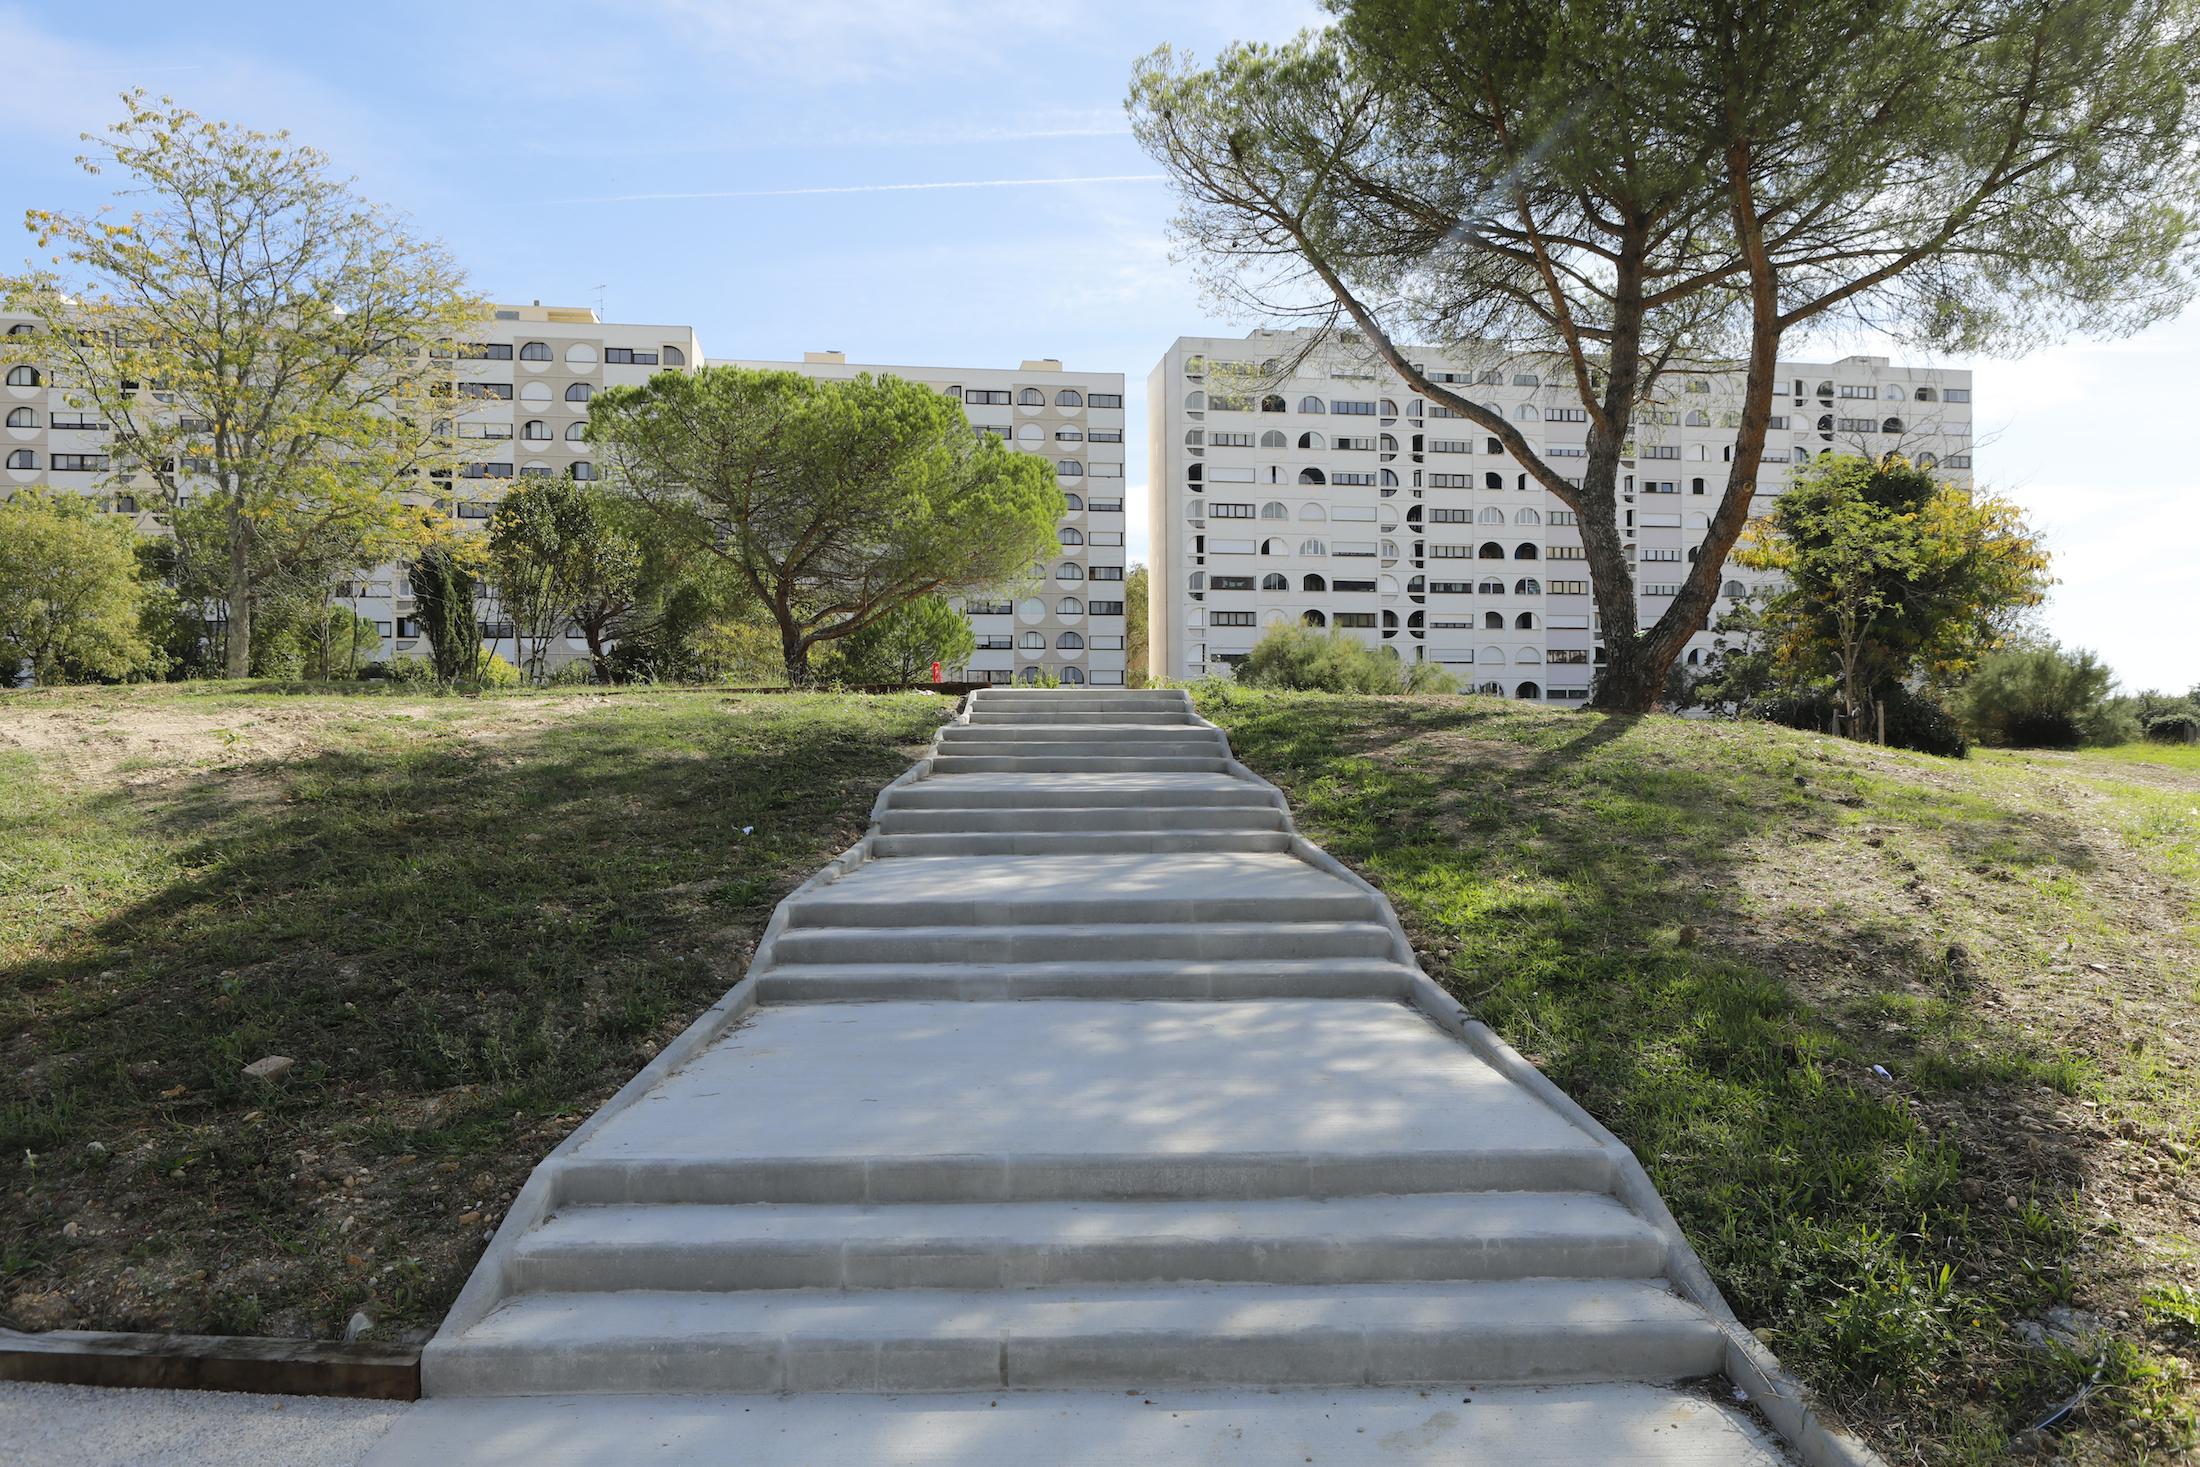 escalier-actuel2277